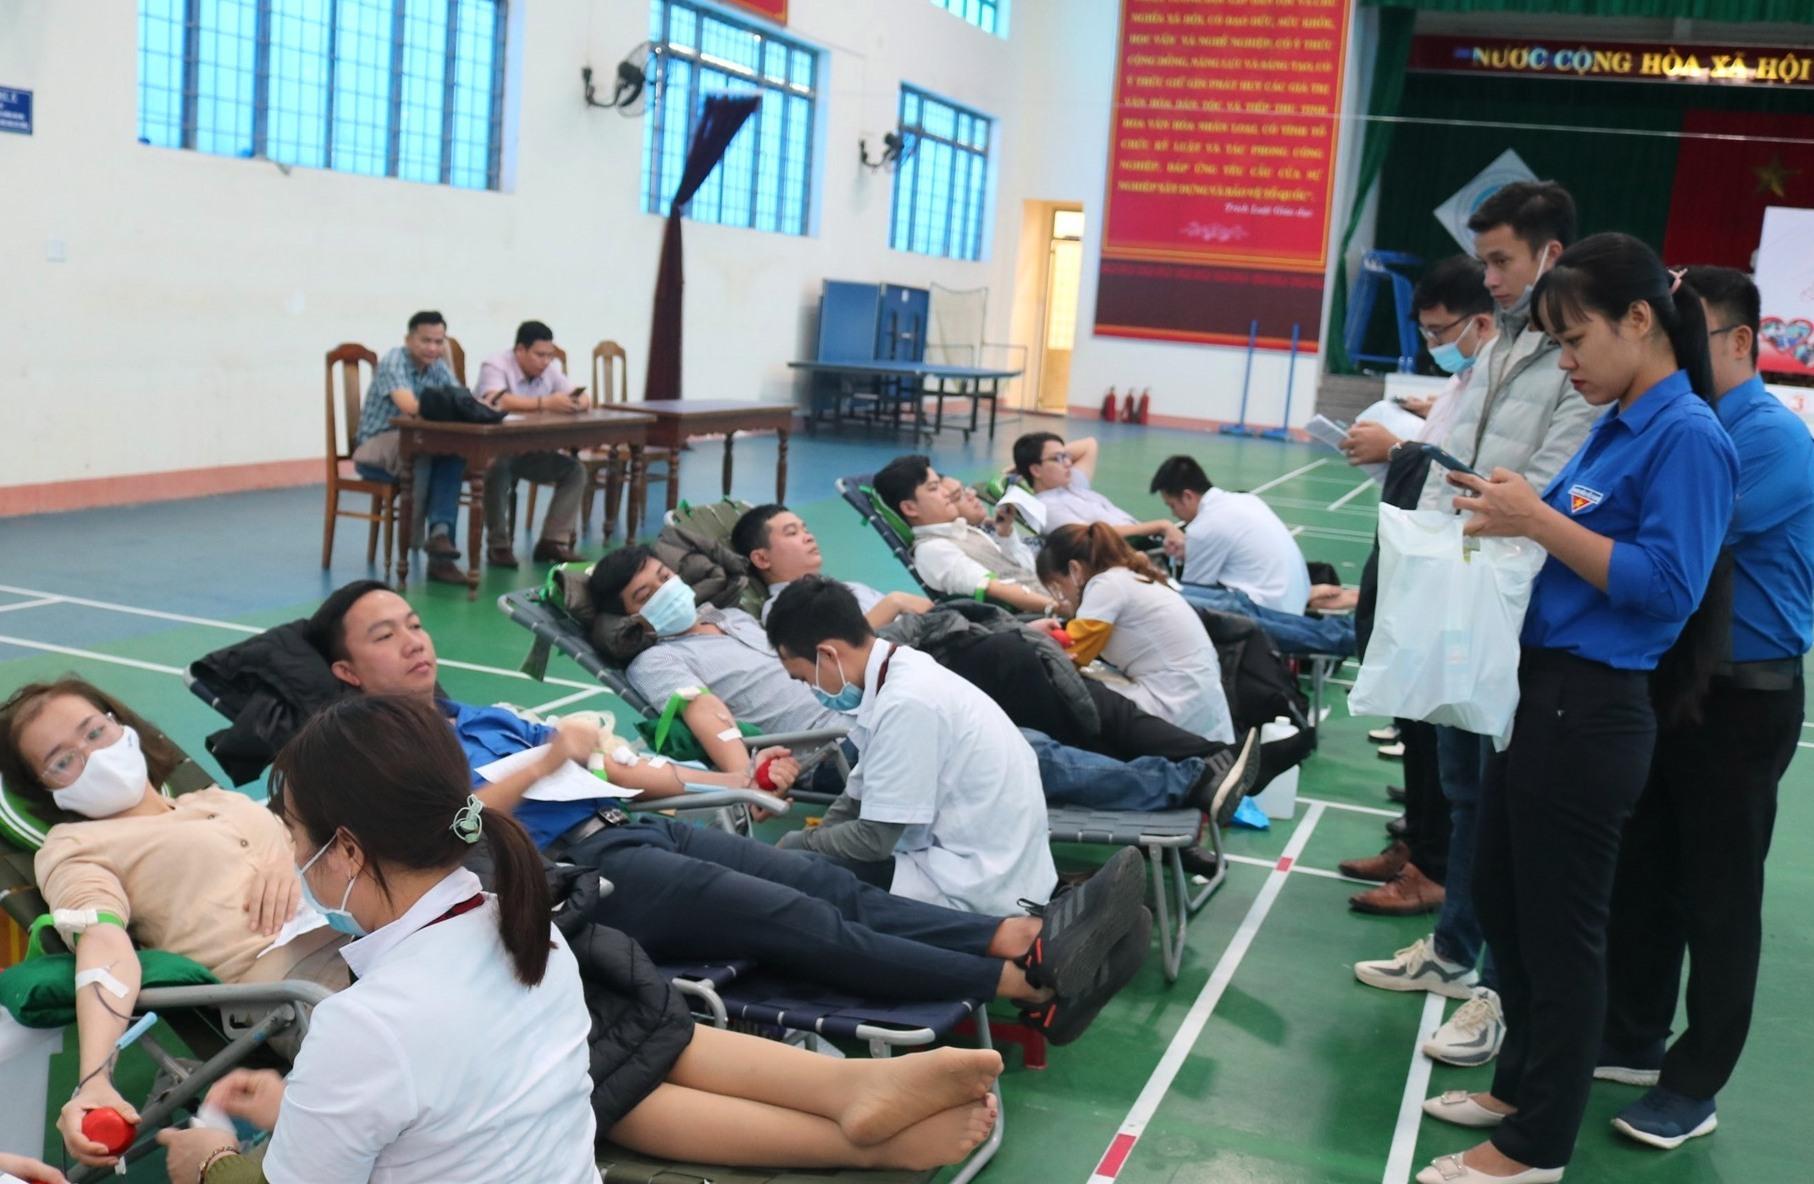 Bệnh viện Đa Khoa Trung ương Quảng Nam tiếp nhận được gần 110 đơn vị máu. Ảnh: L.C